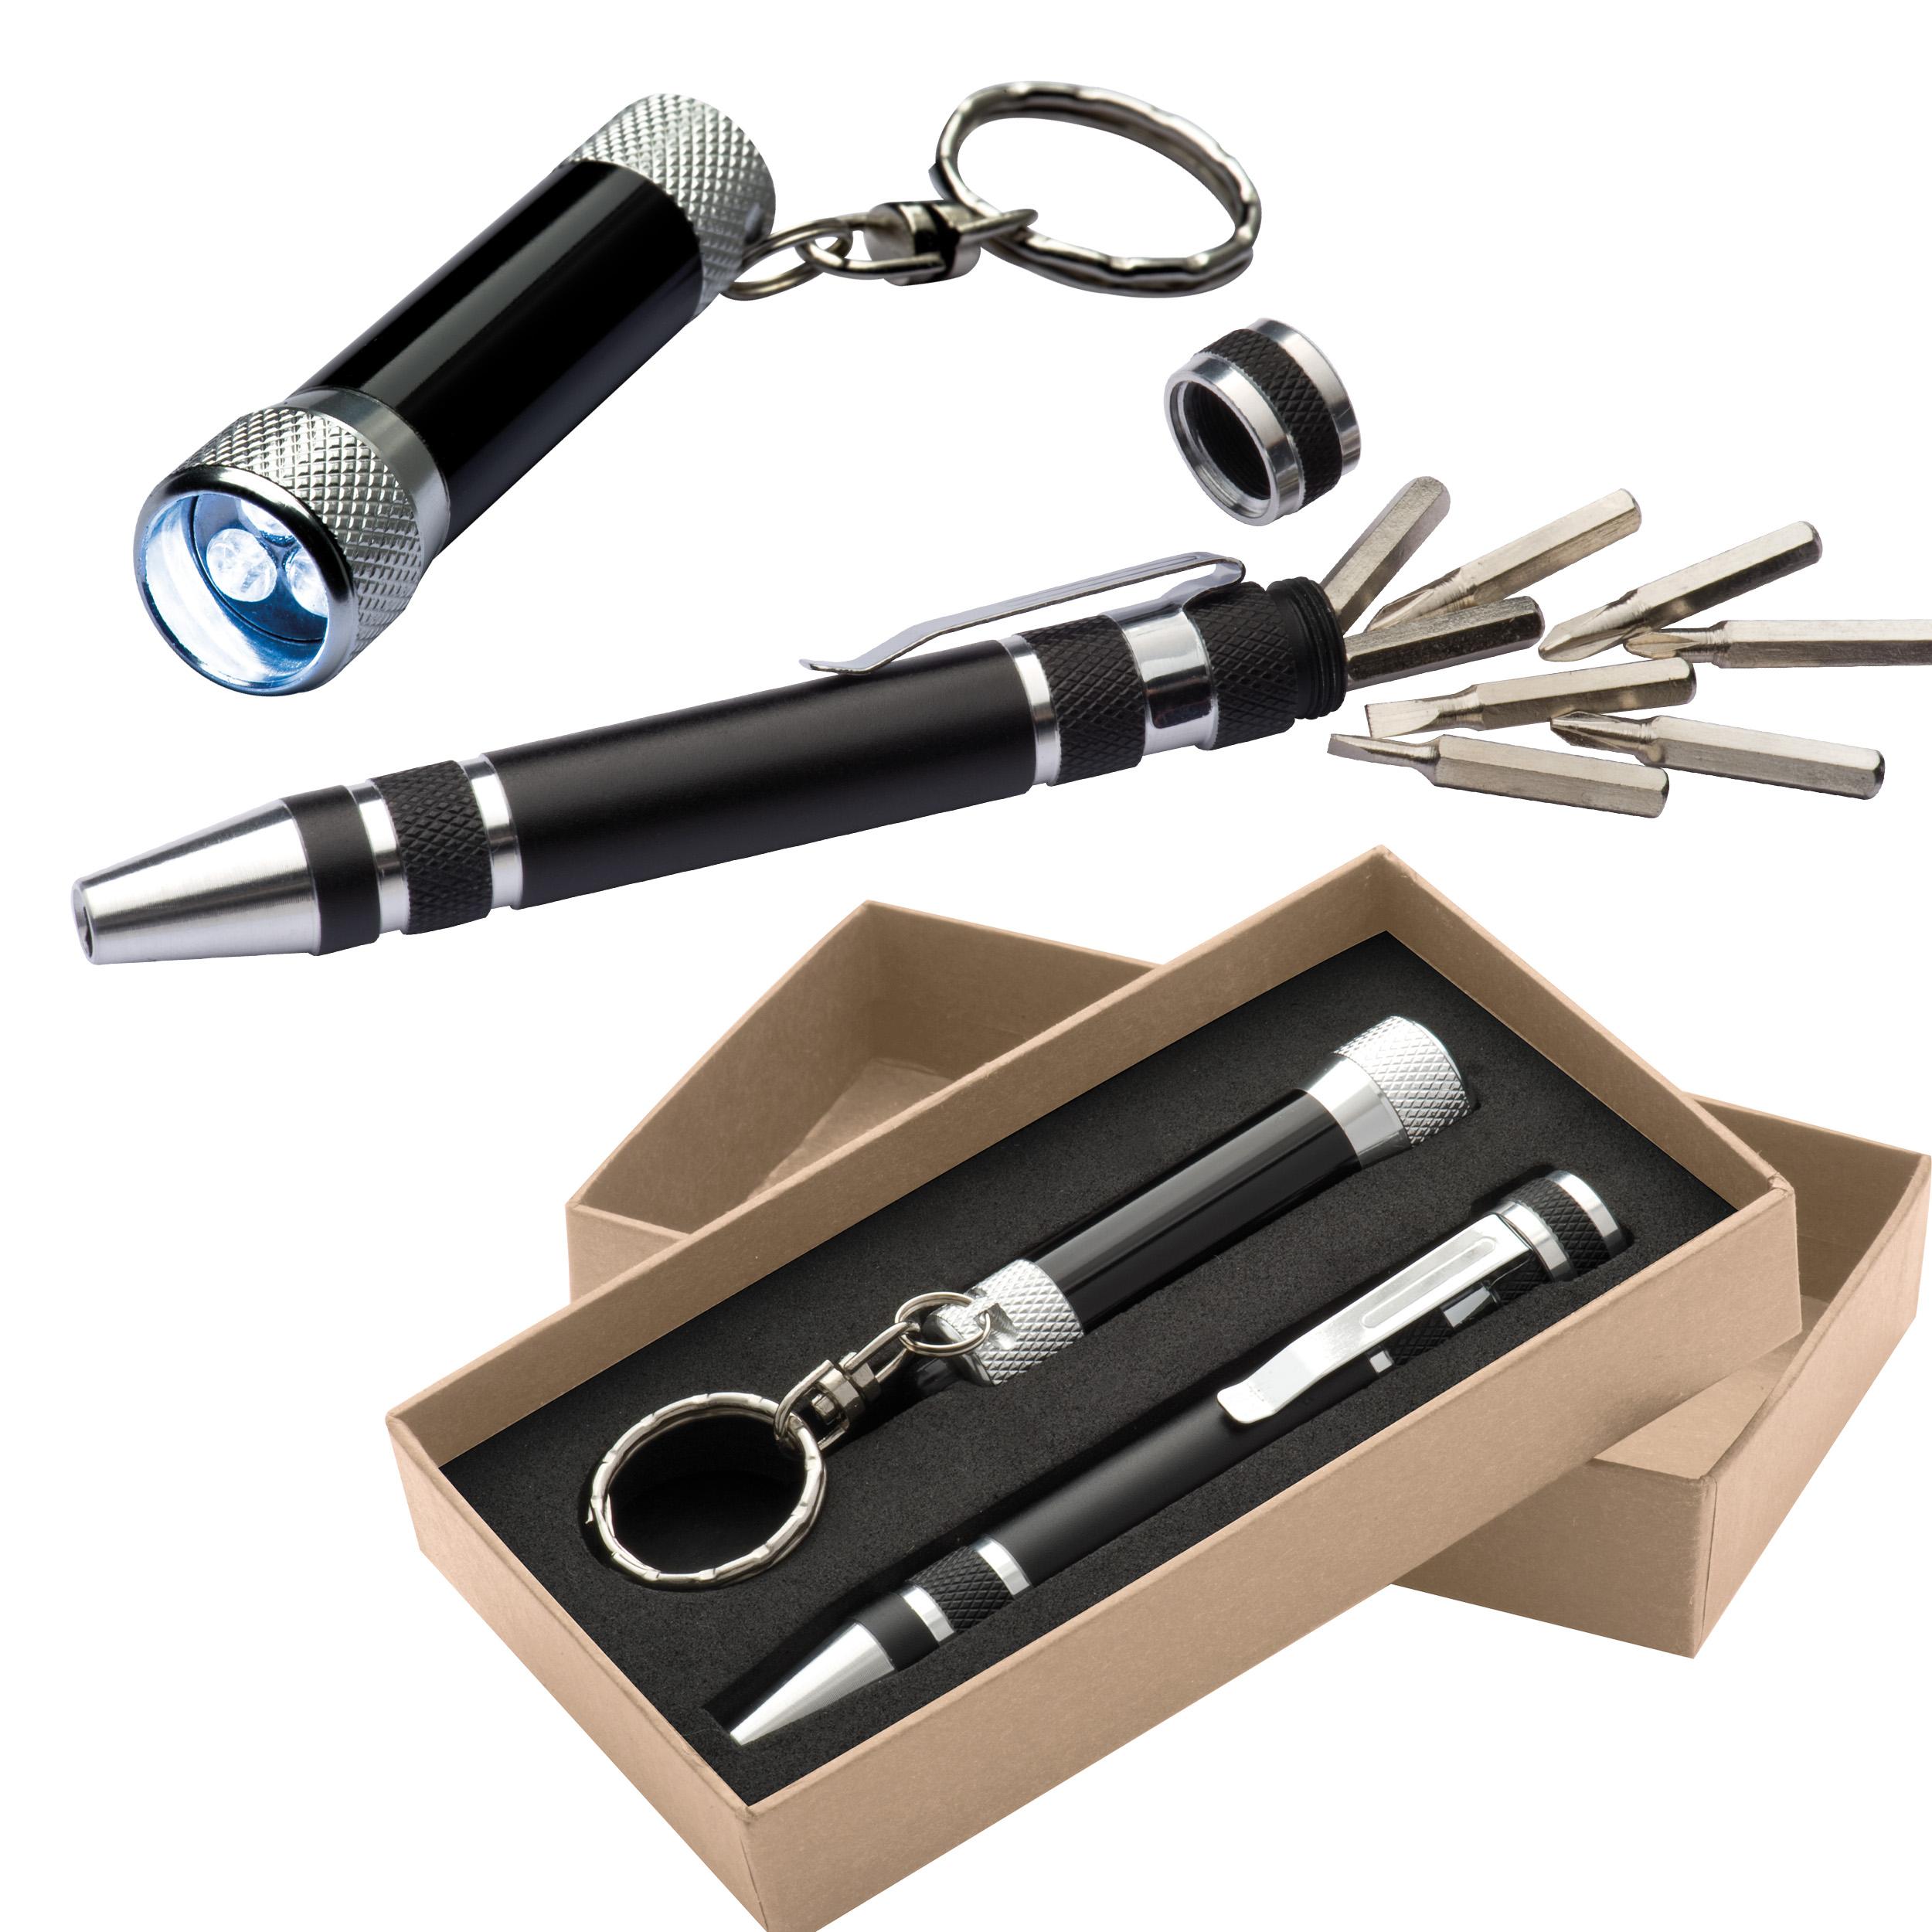 Set aus Schraubenziehern und LED-Taschenlampe